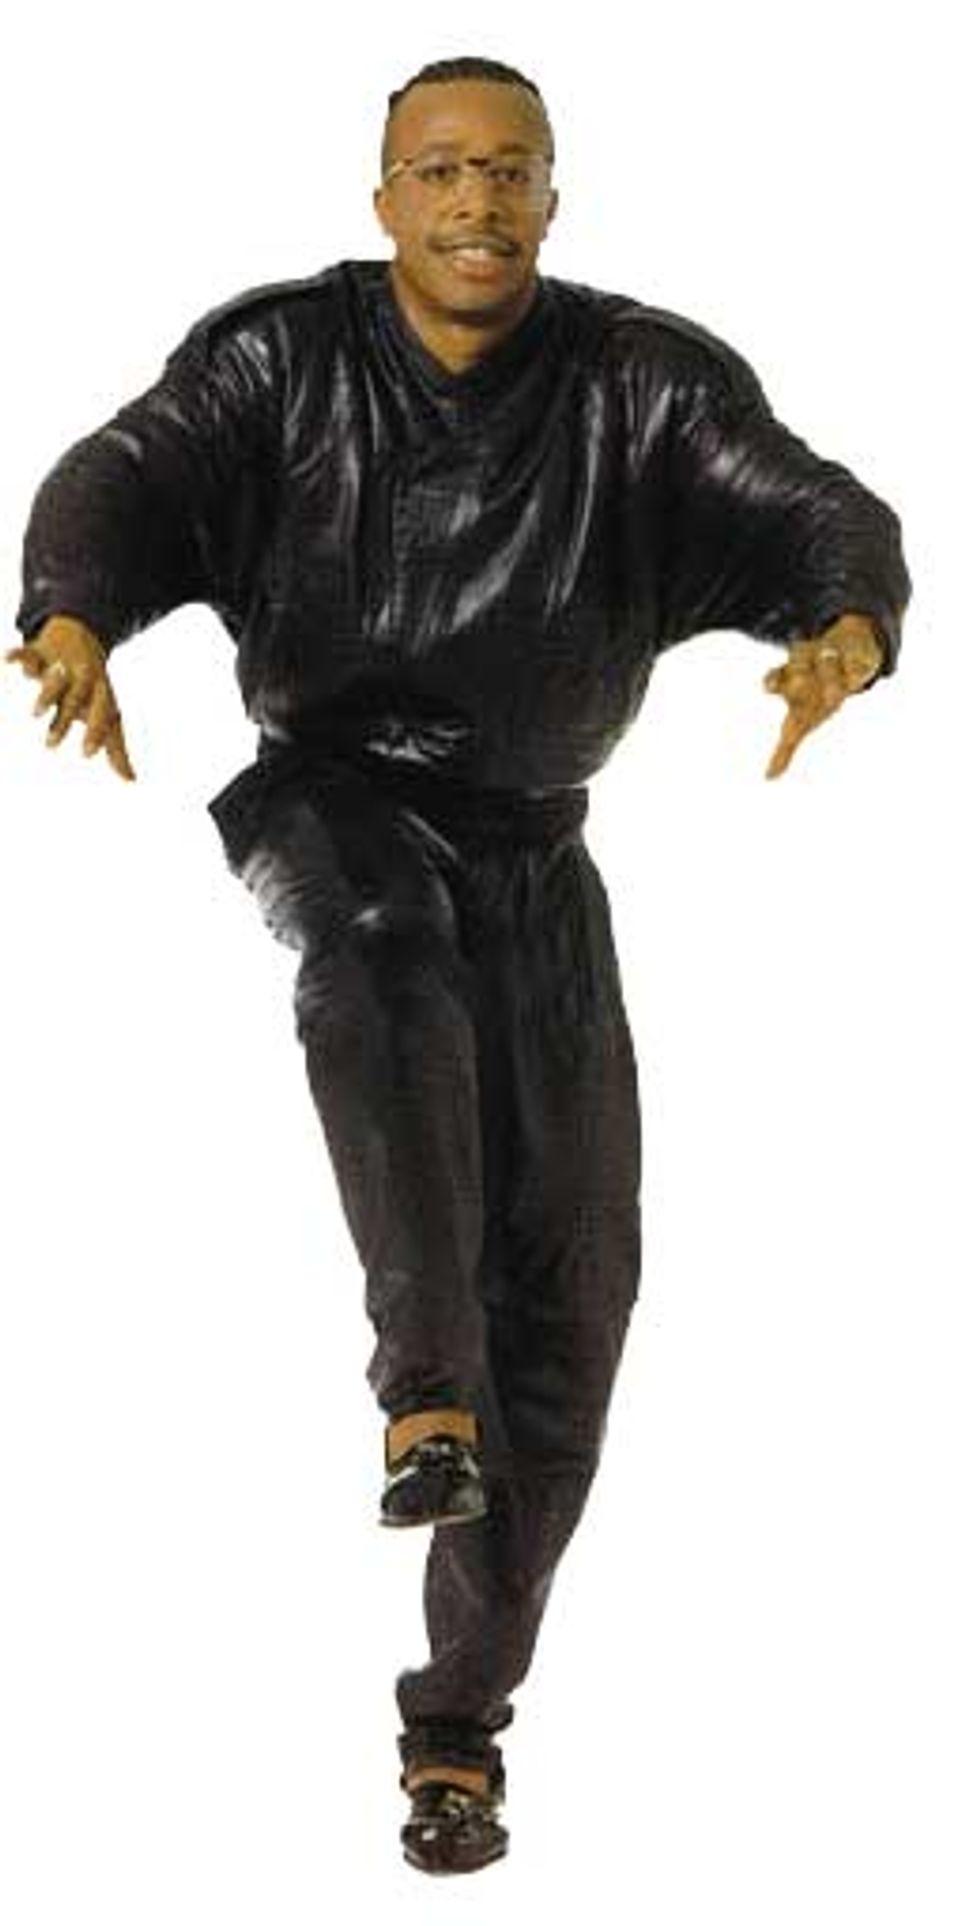 MC Hammer: Not Dead